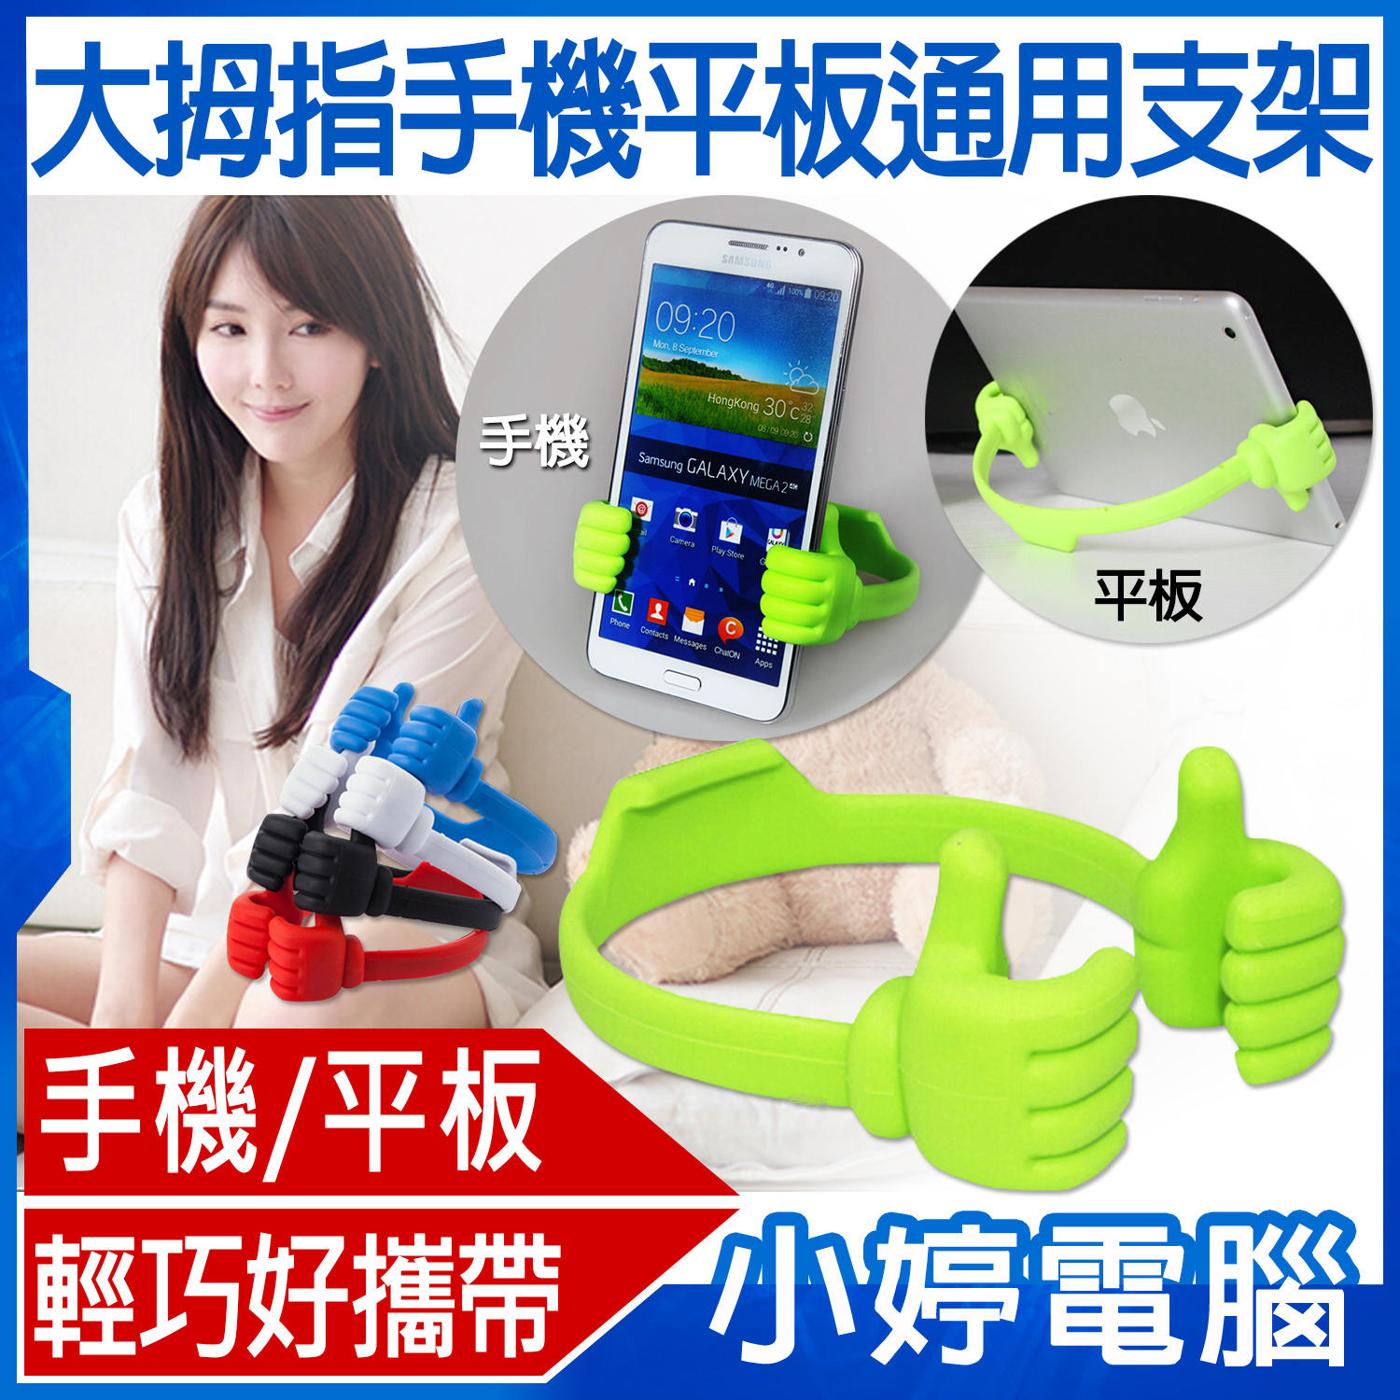 【24期零利率】全新 大拇指手機平板通用支架 懶人支架/通用平板立架/手機座/iPad/HTC/蘋果